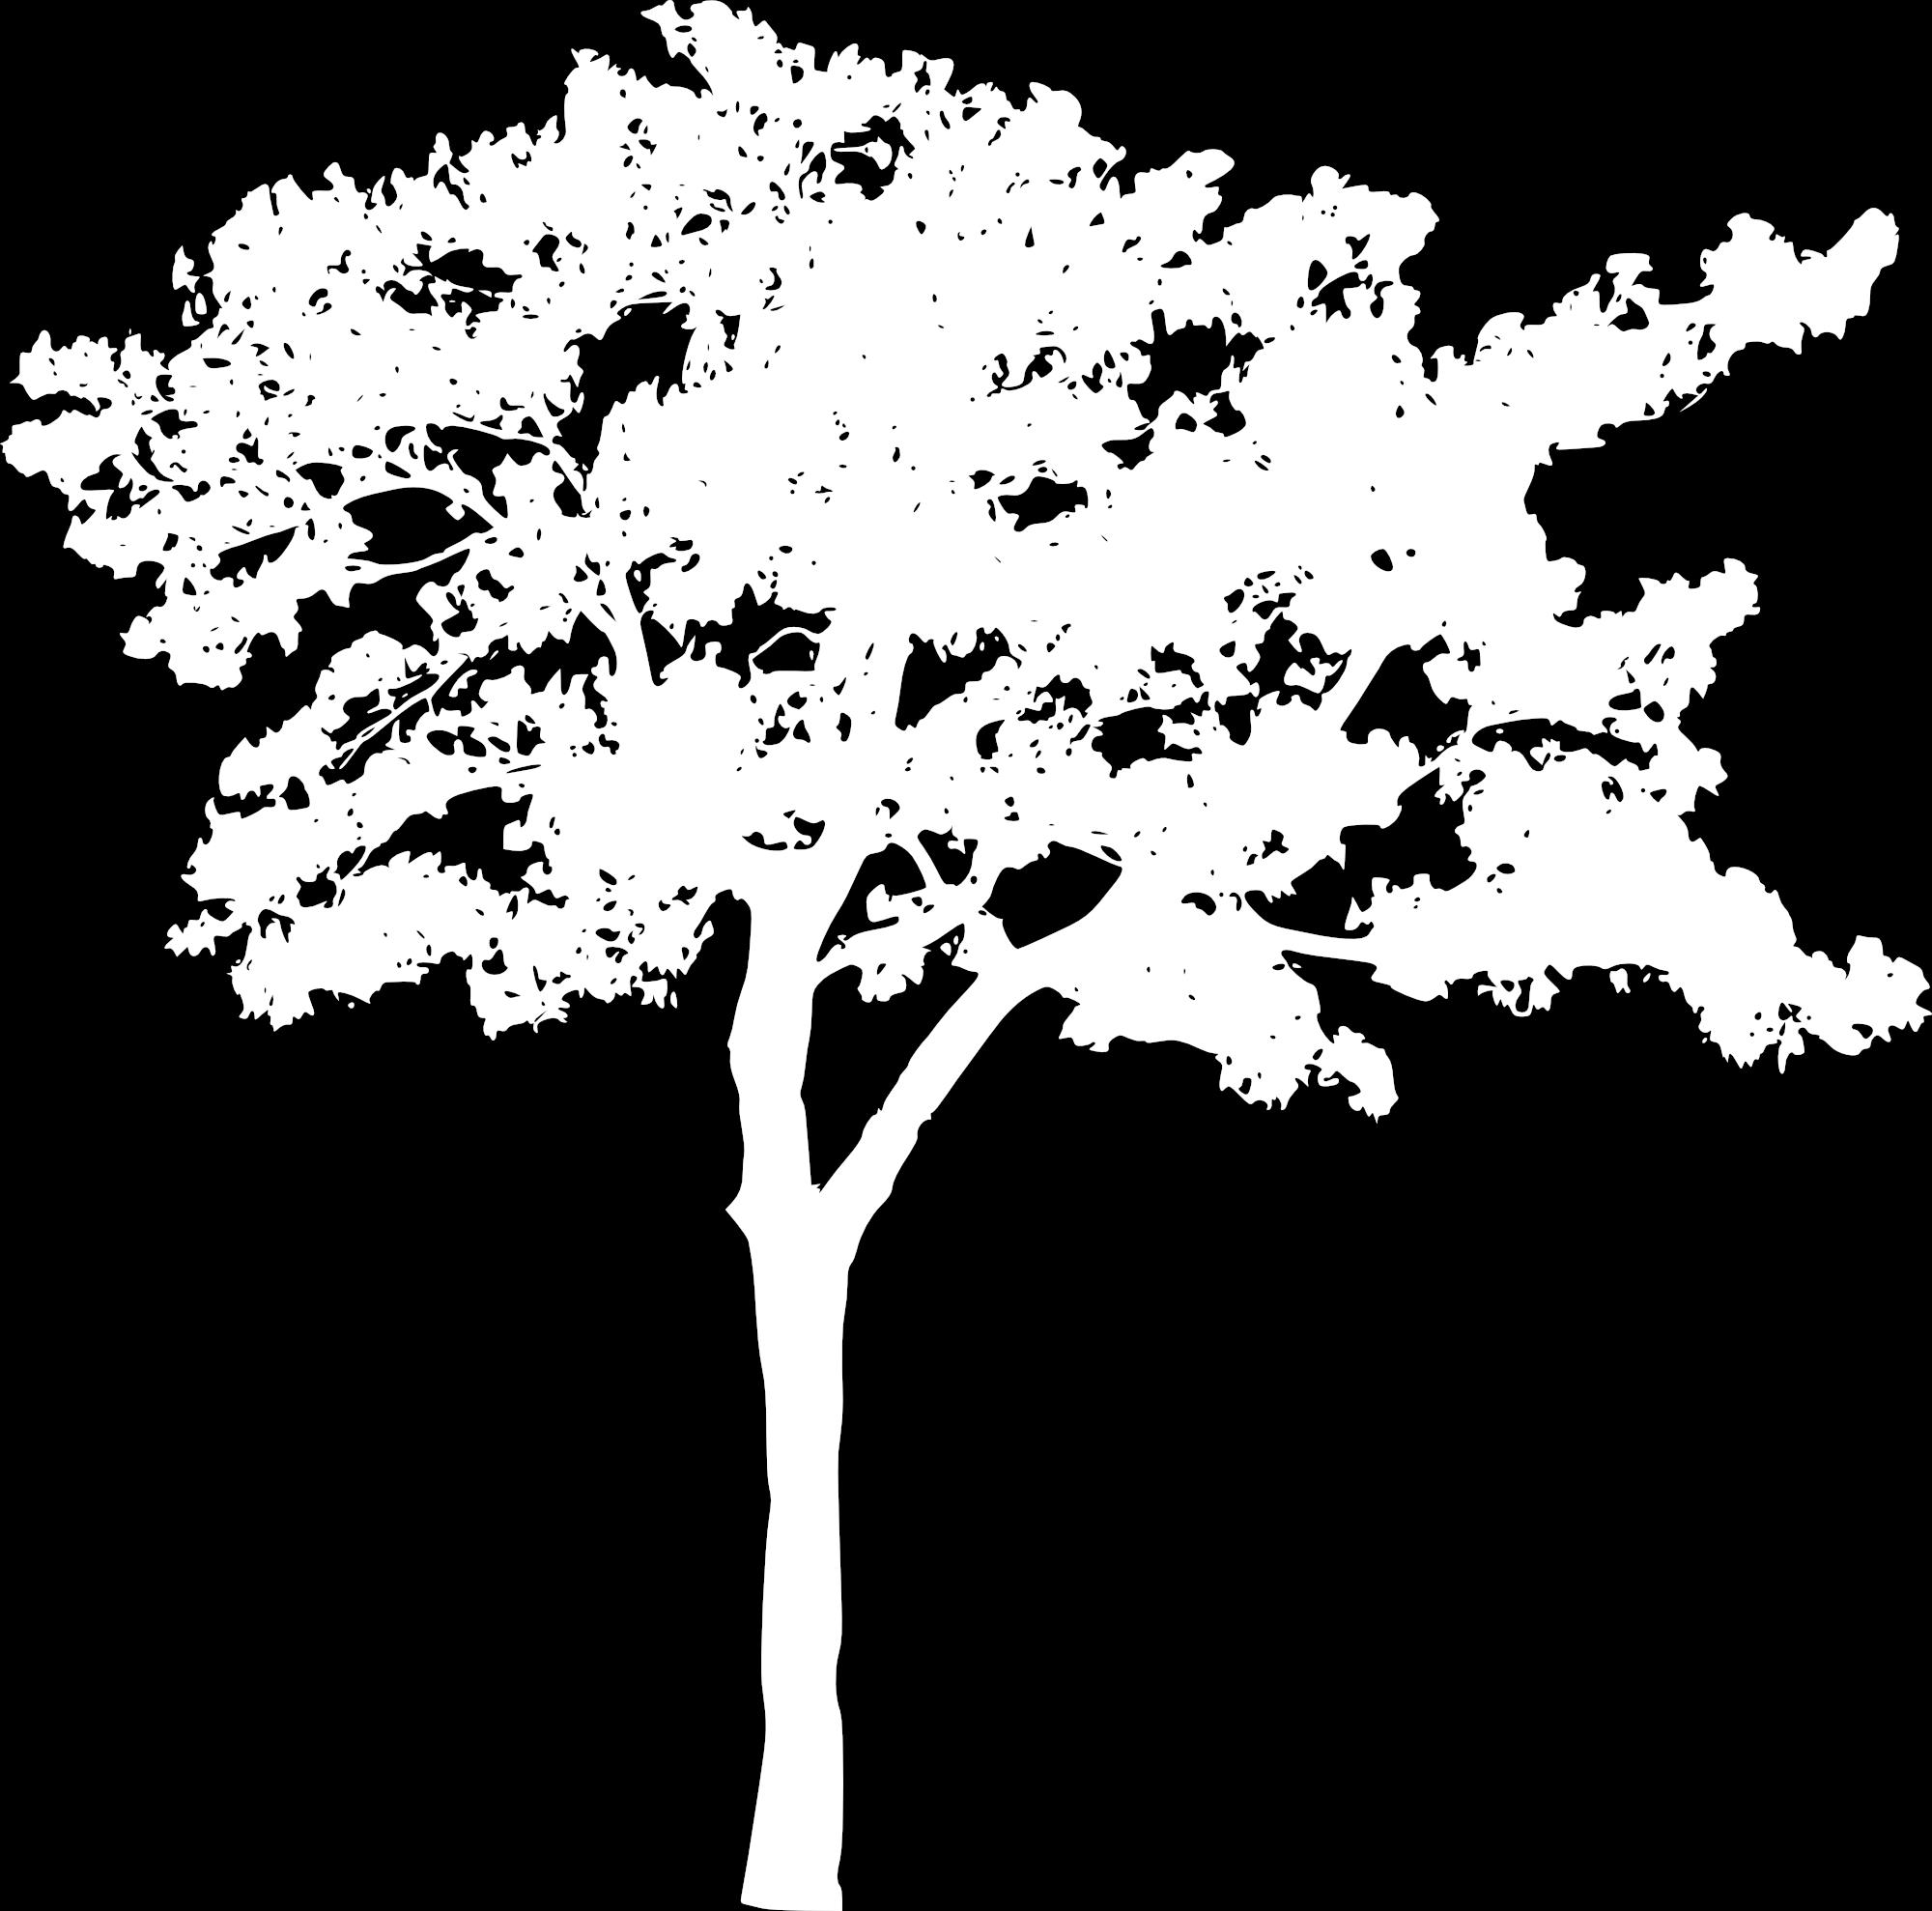 EdgeDetectPRO_tree.jpg